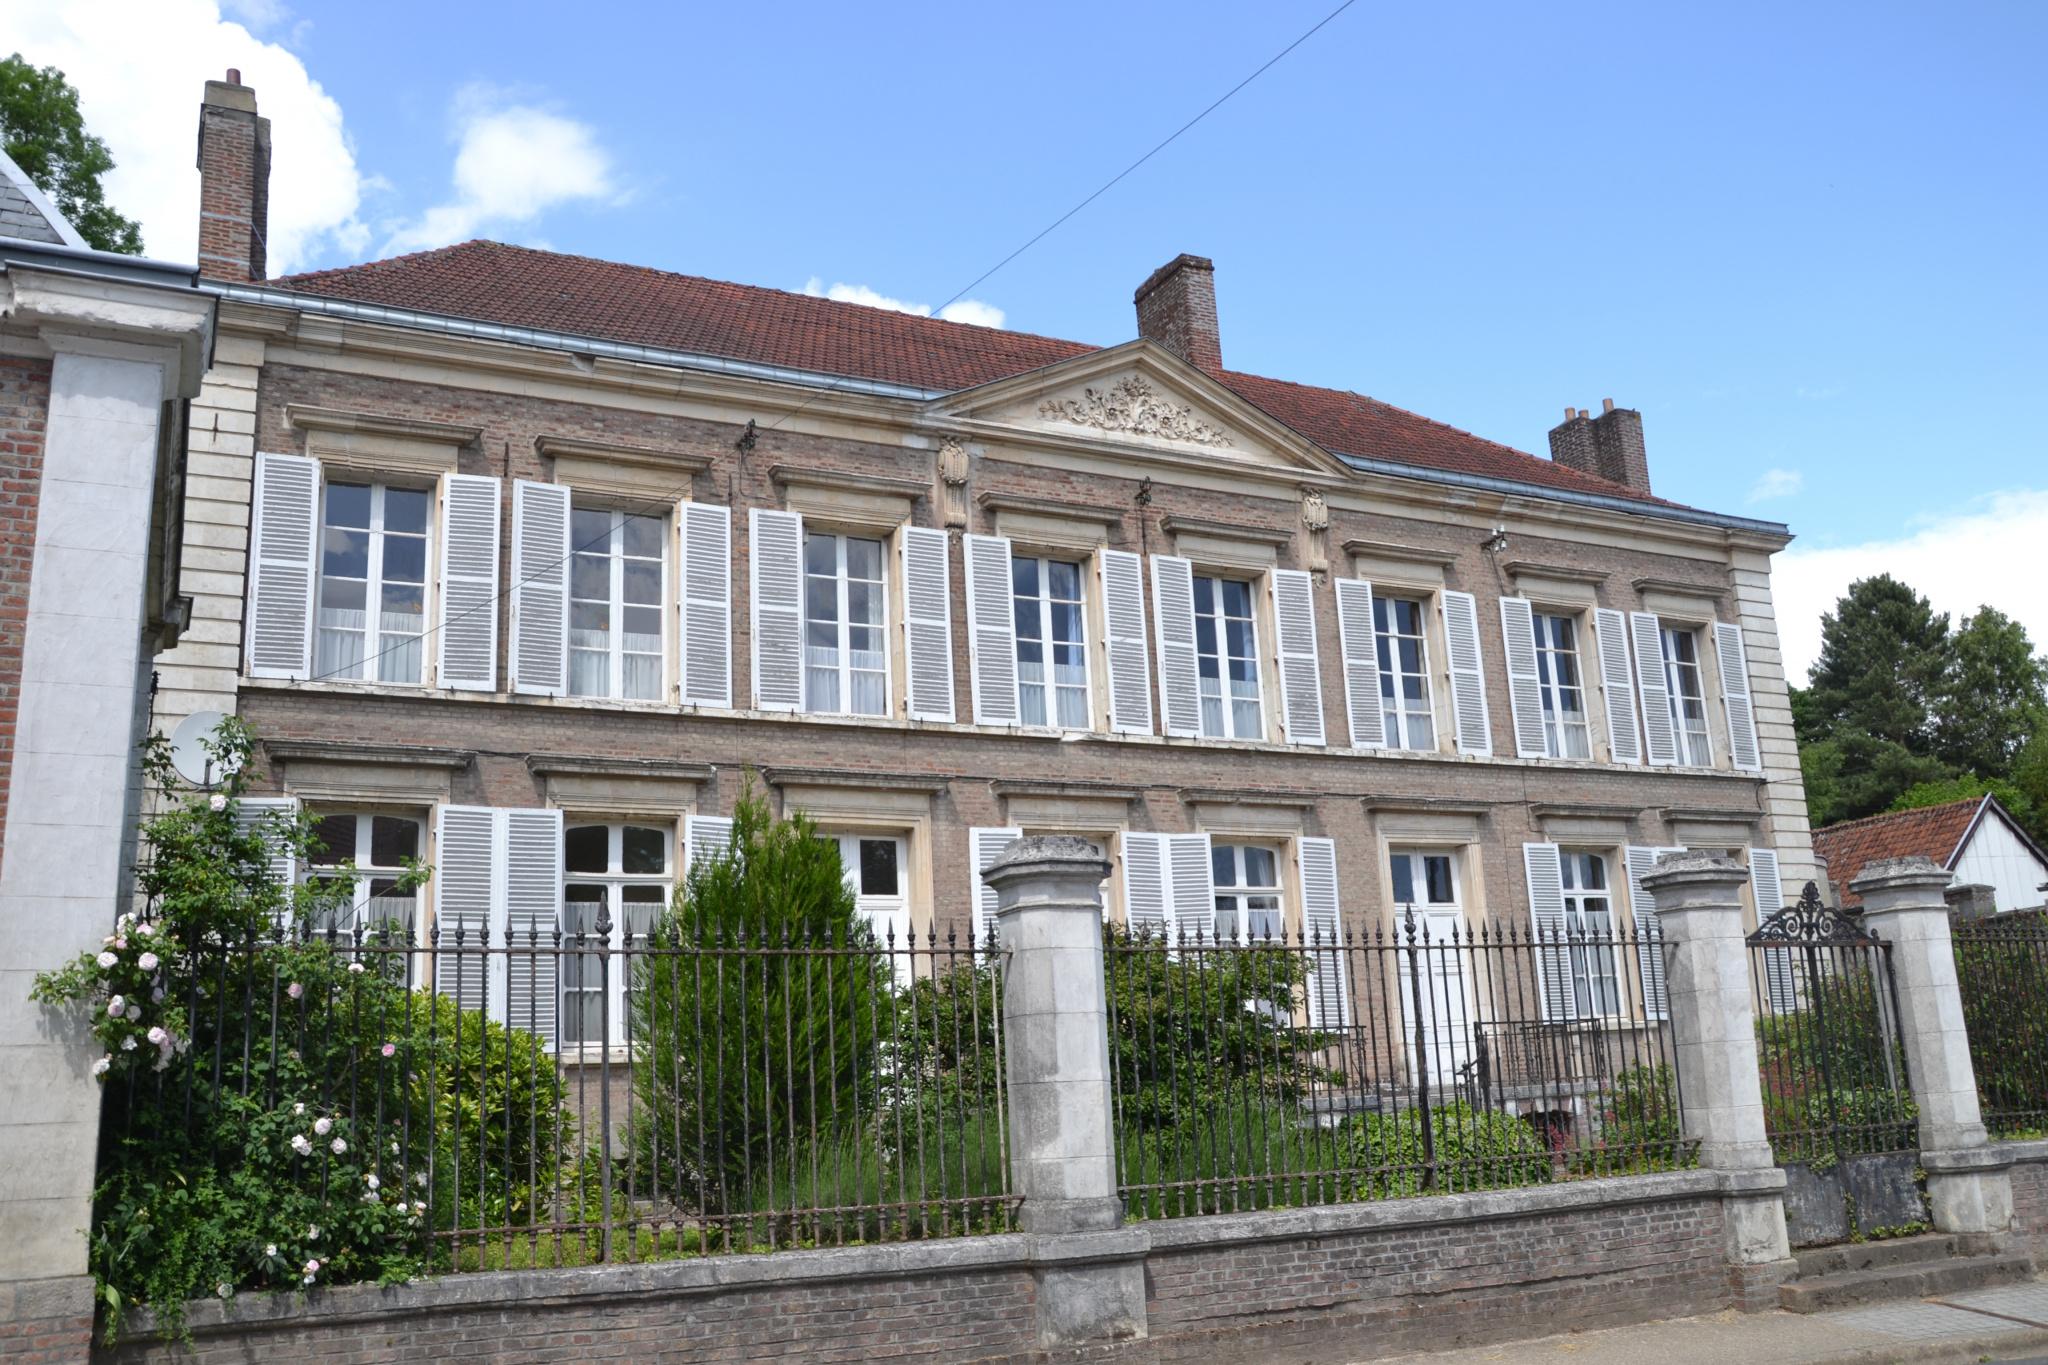 ACHAT / VENTE EXCLUSIF Maison bourgeoise 9 chambres à Domart-en-Ponthieu